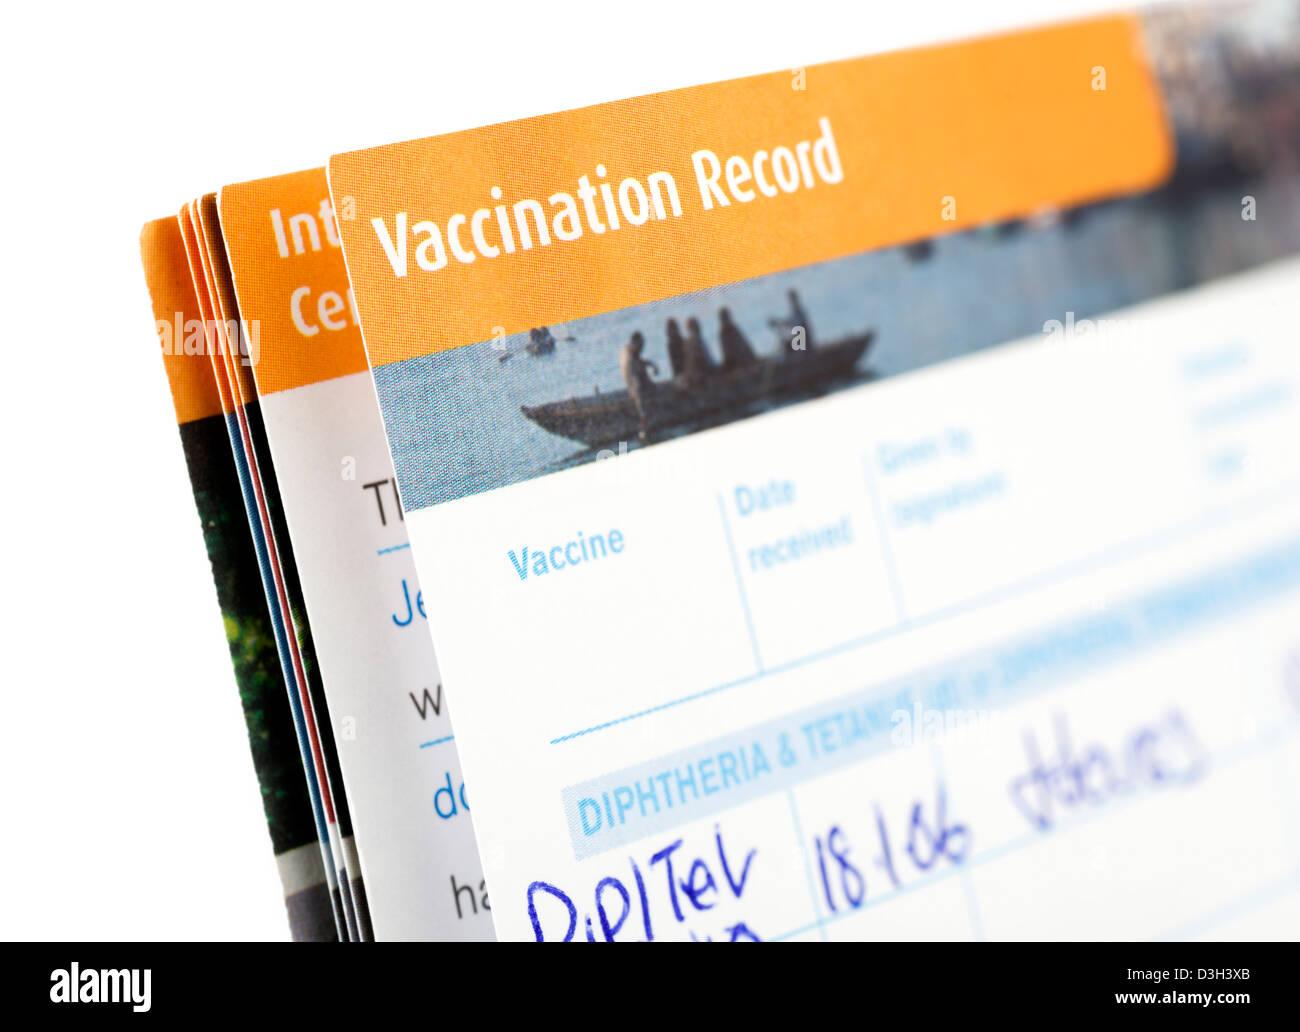 Viaggio record di vaccinazione Immagini Stock